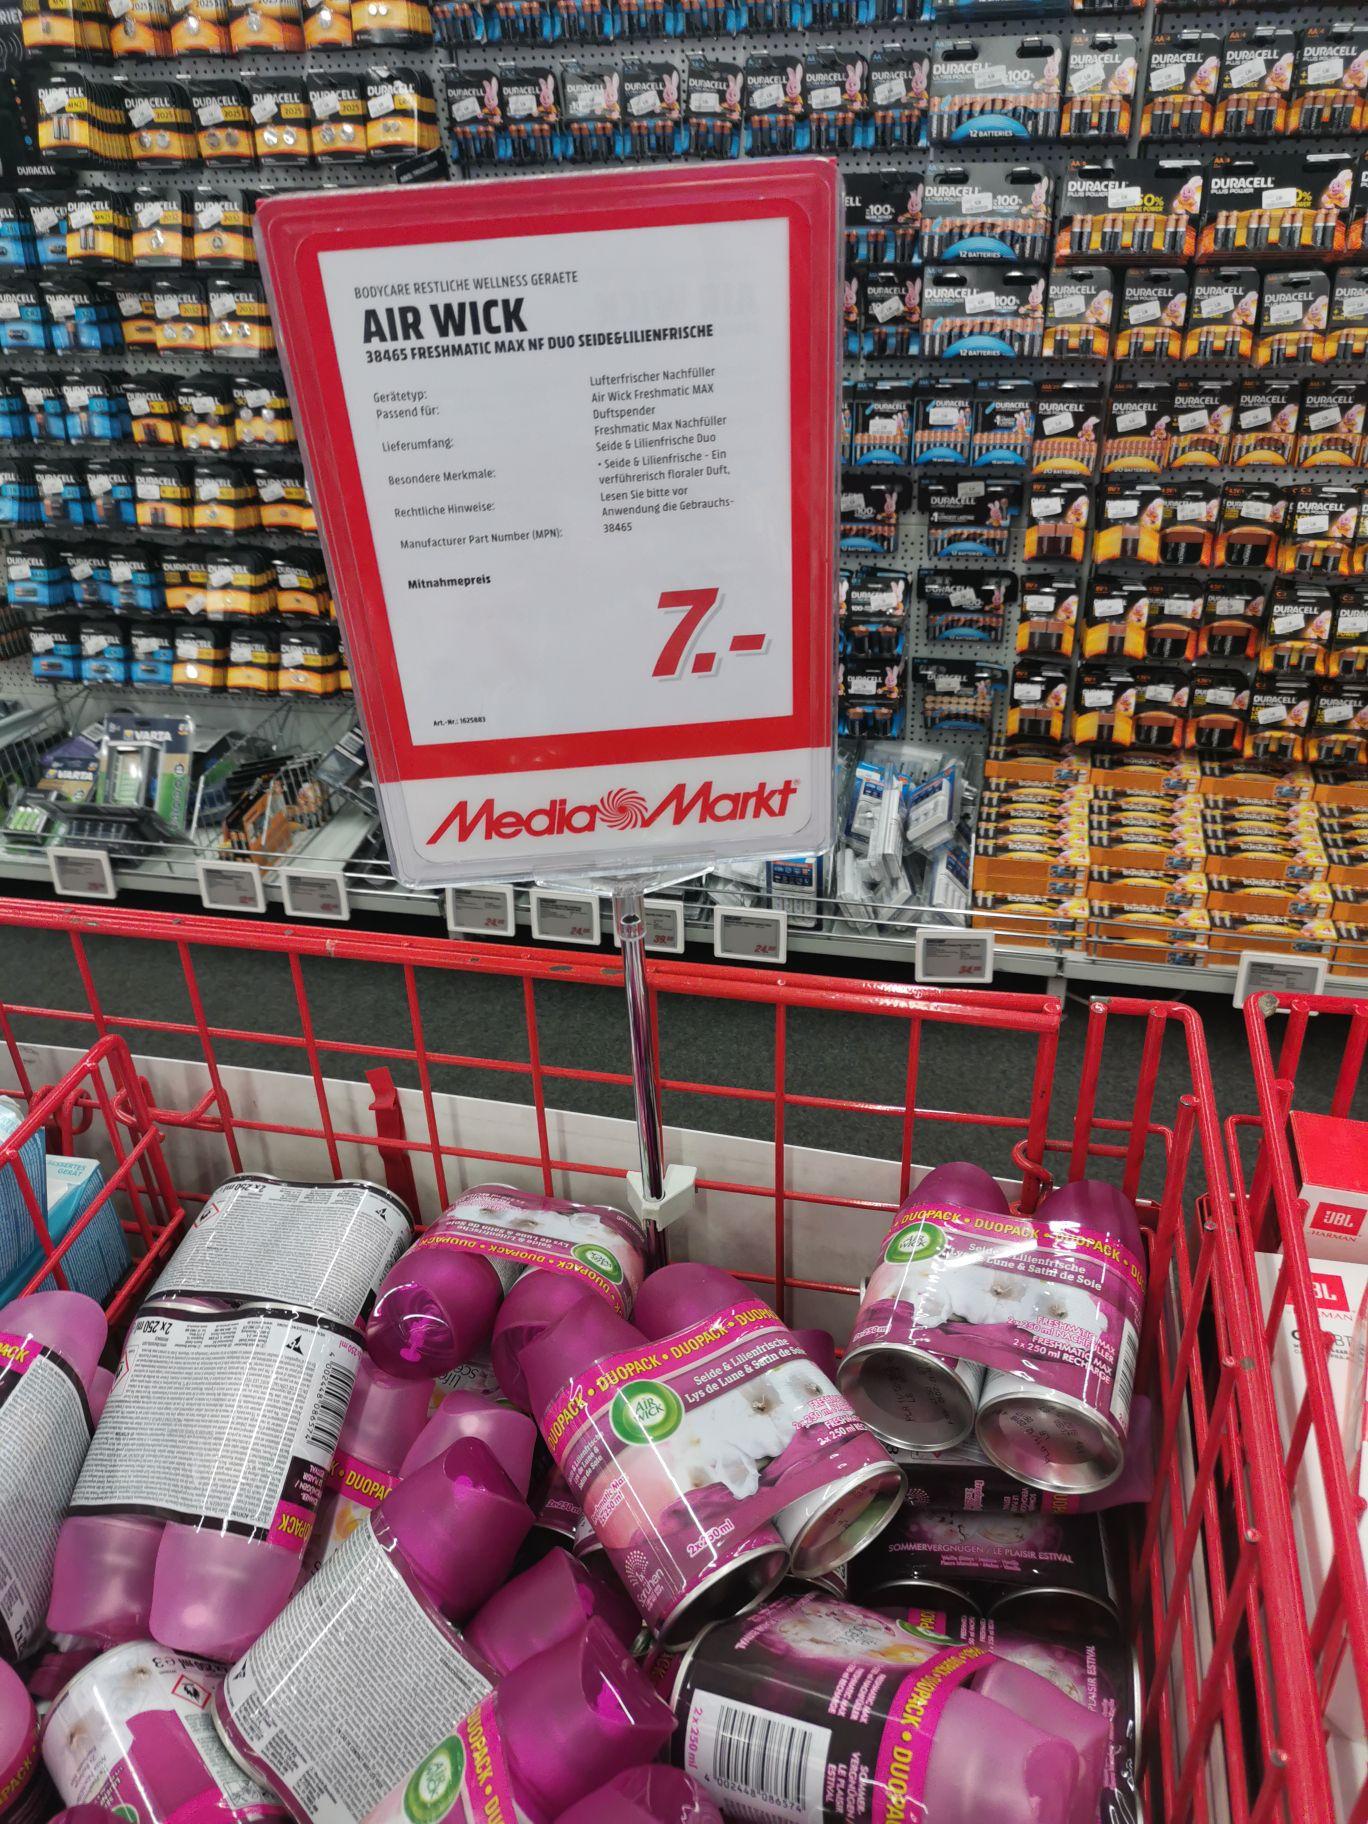 Mediamarkt - Airwick Duopack Freshmatic 2x250ml